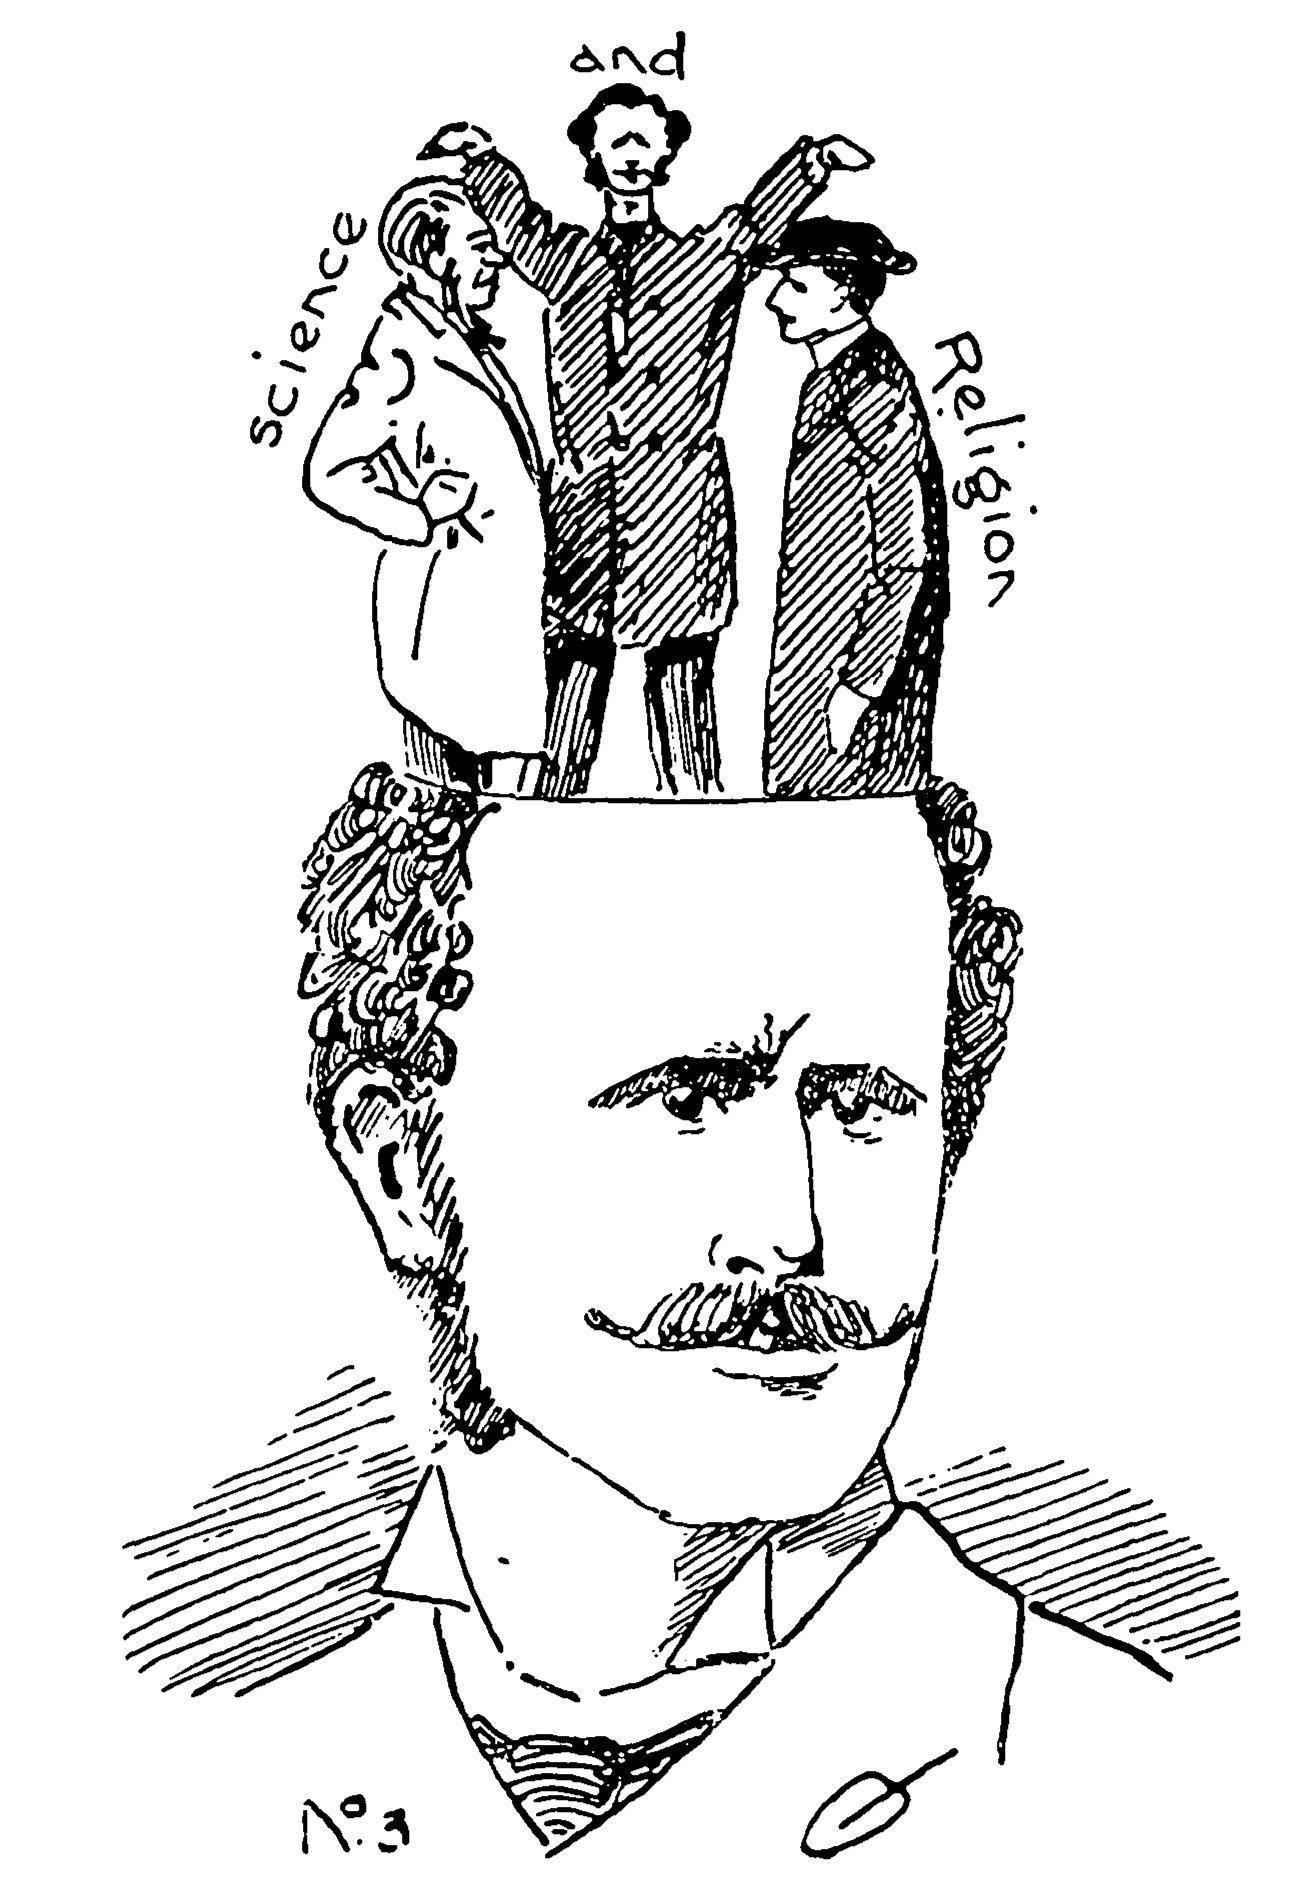 Шарж на шотландского натуралиста и богослова Генри Драммонда, опубликованный в газете The Student, 22 февраля 1893 года